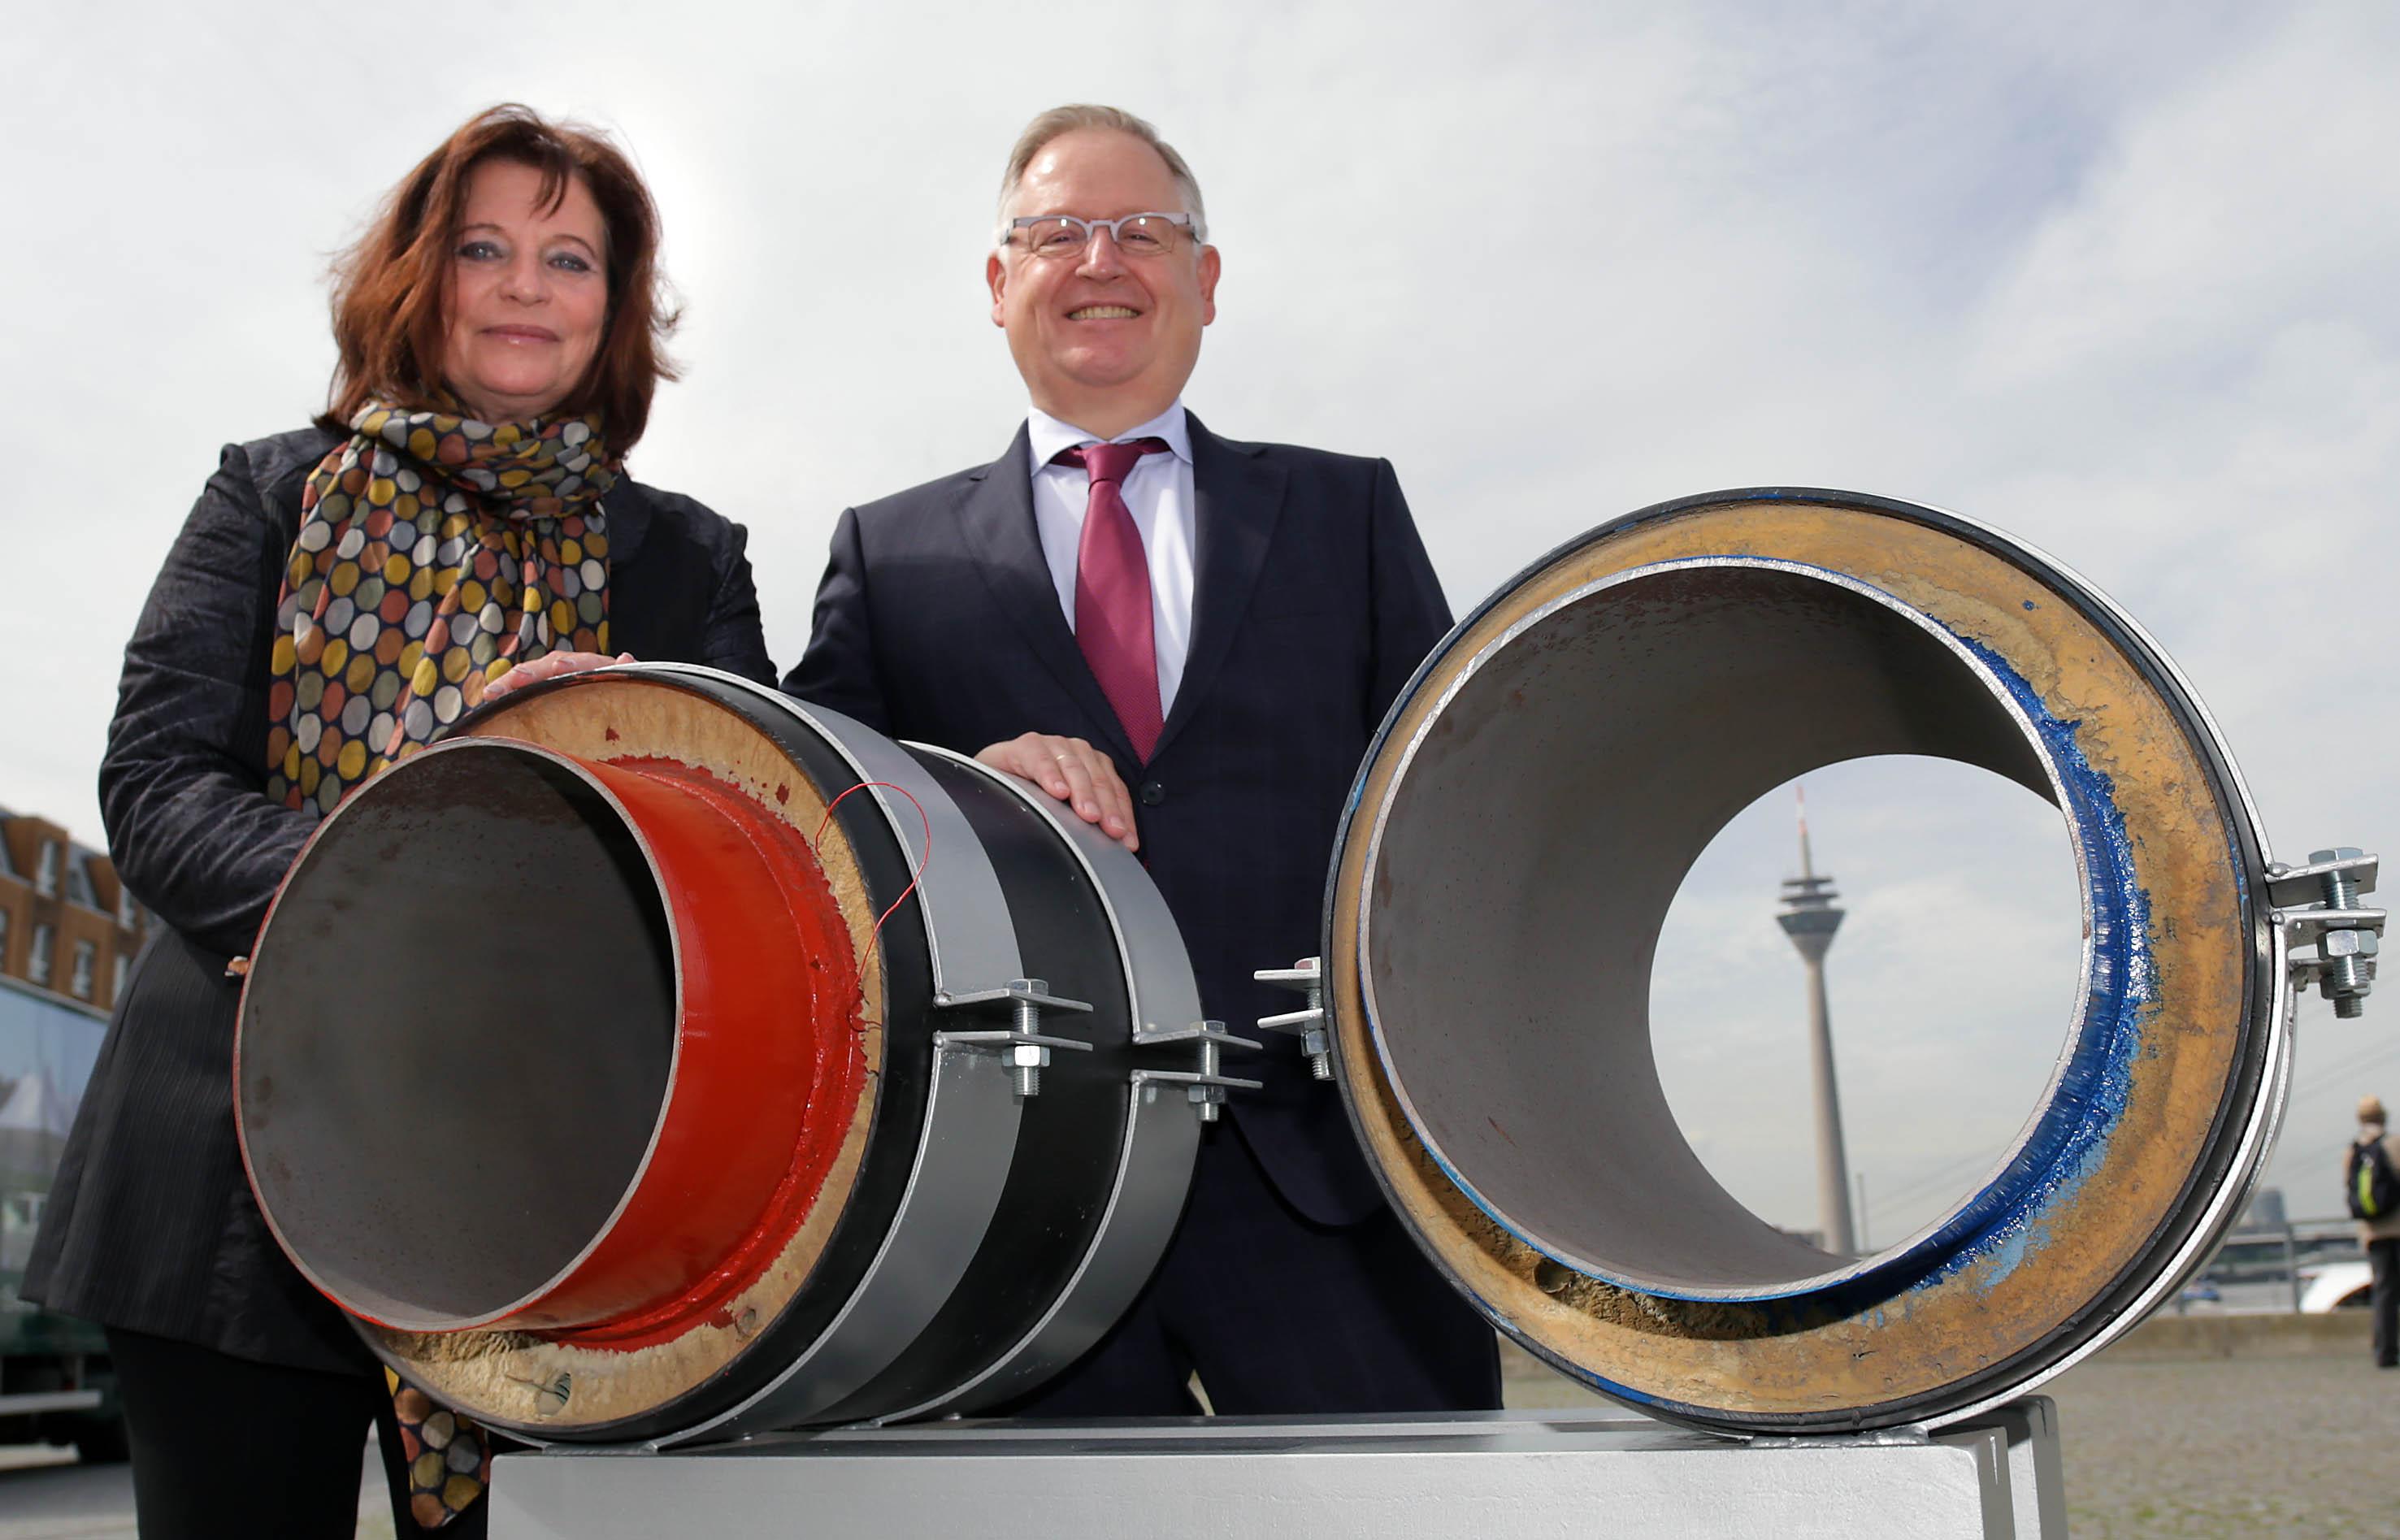 Umweltdezernentin Helga Stulgies und Manfred Abrahams, Vorstandsmitglied der Stadtwerke (Foto: Stadt Düsseldorf, Ingo Lammert)